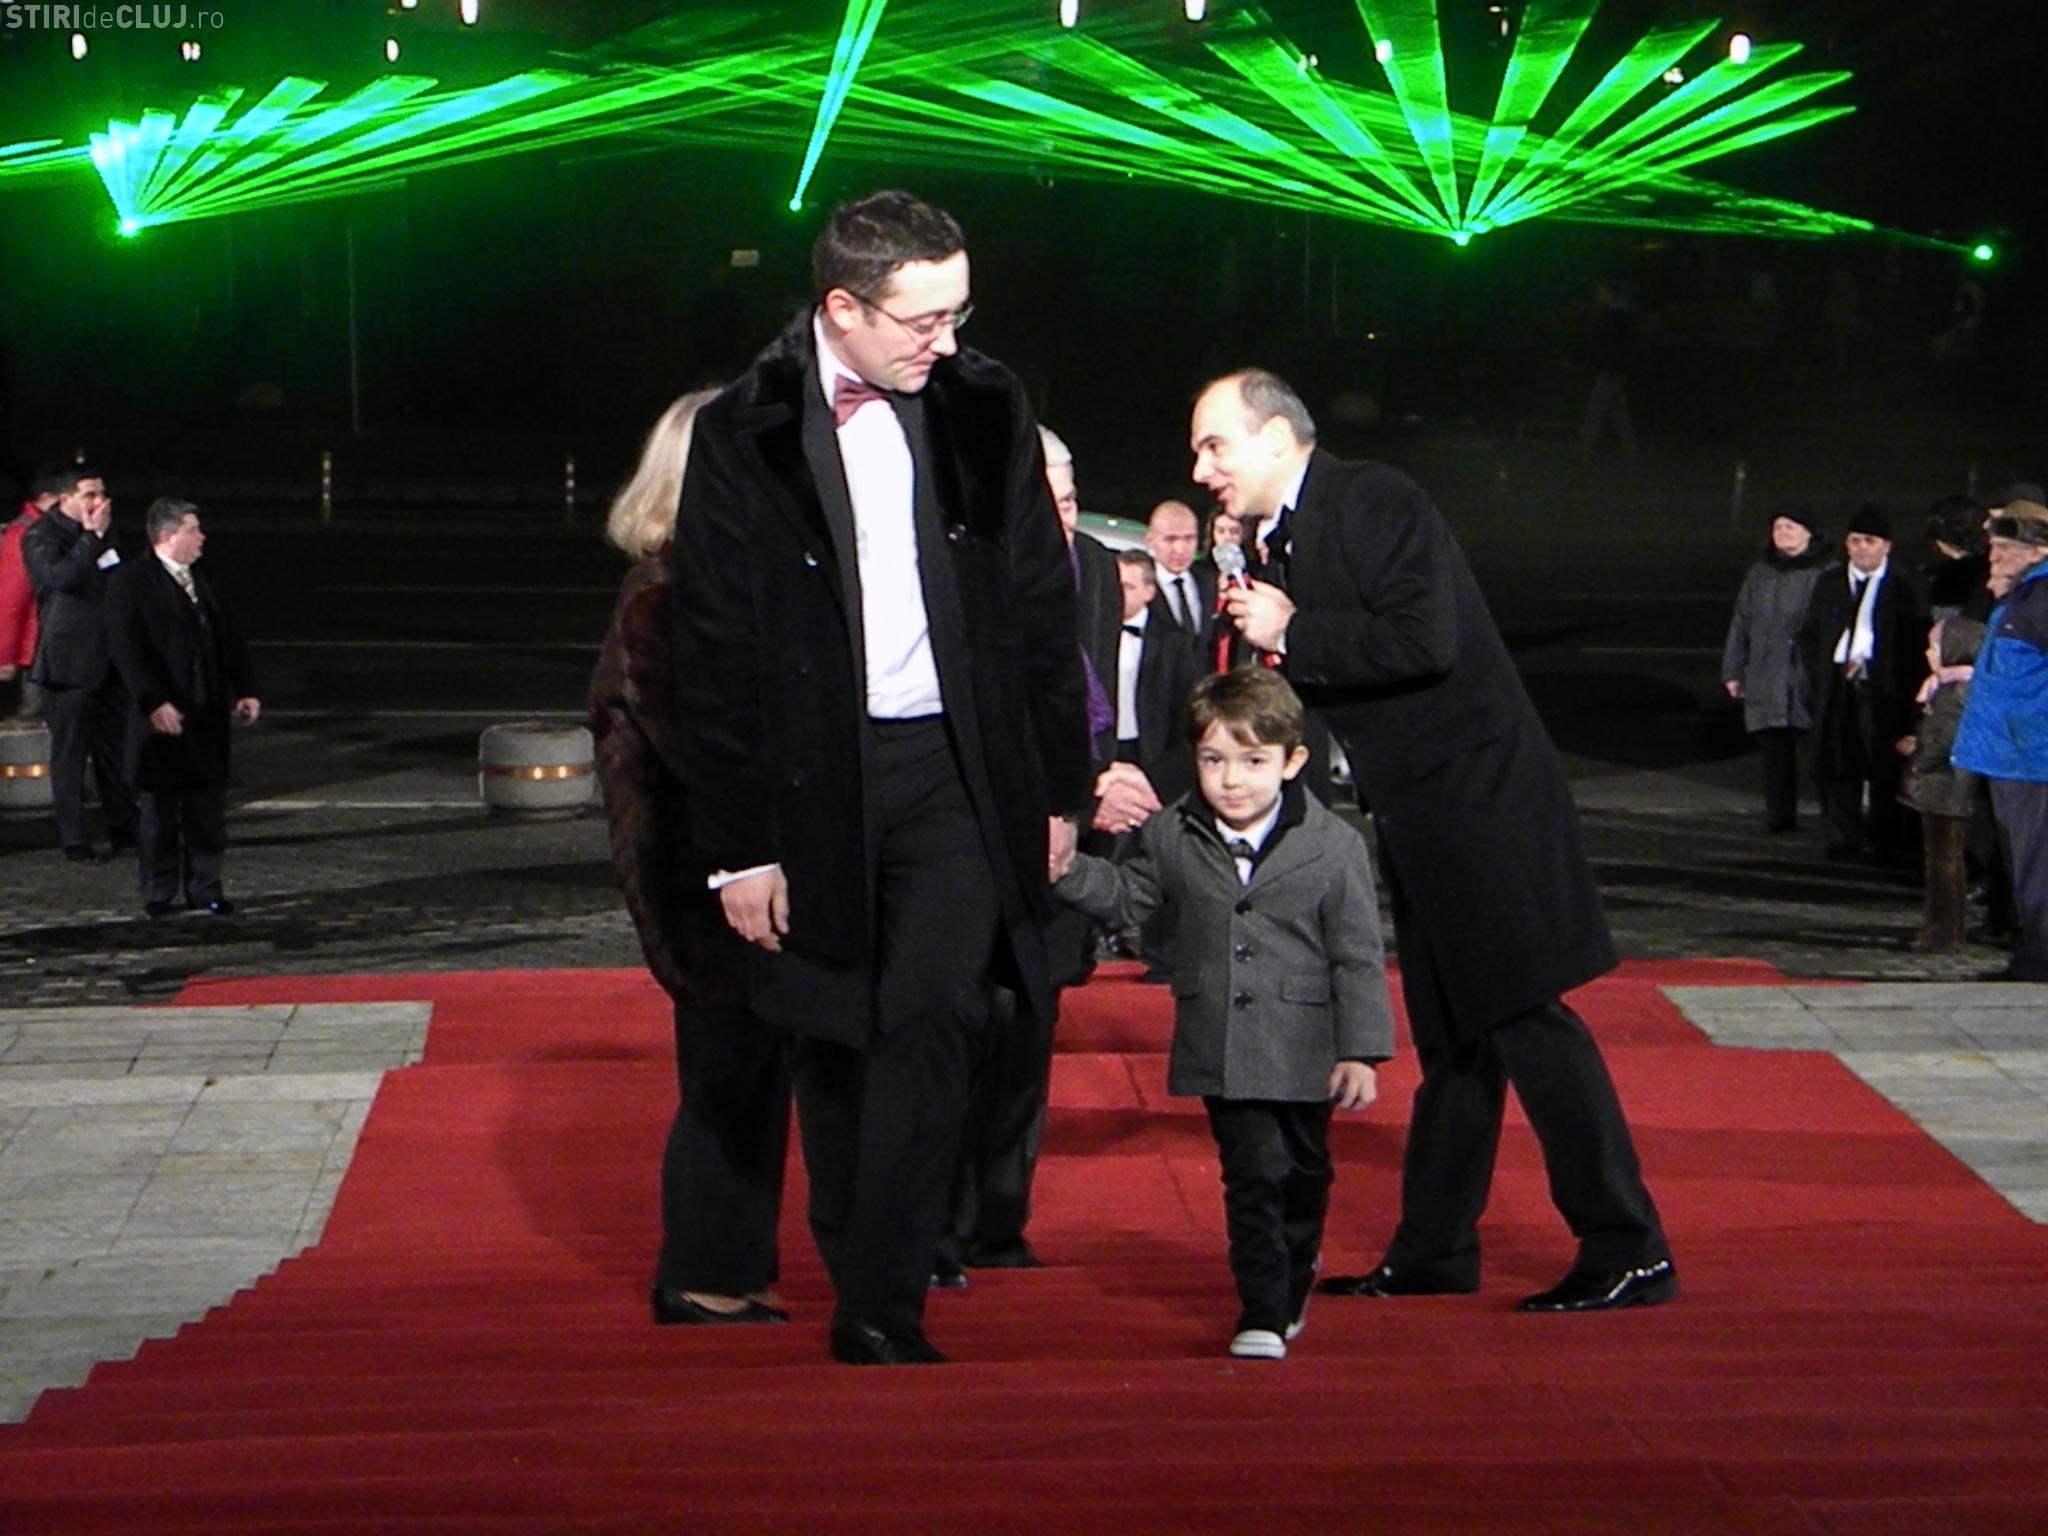 Balul Operei 2011, sosirea invitatilor la Teatrul National - Galerie FOTO